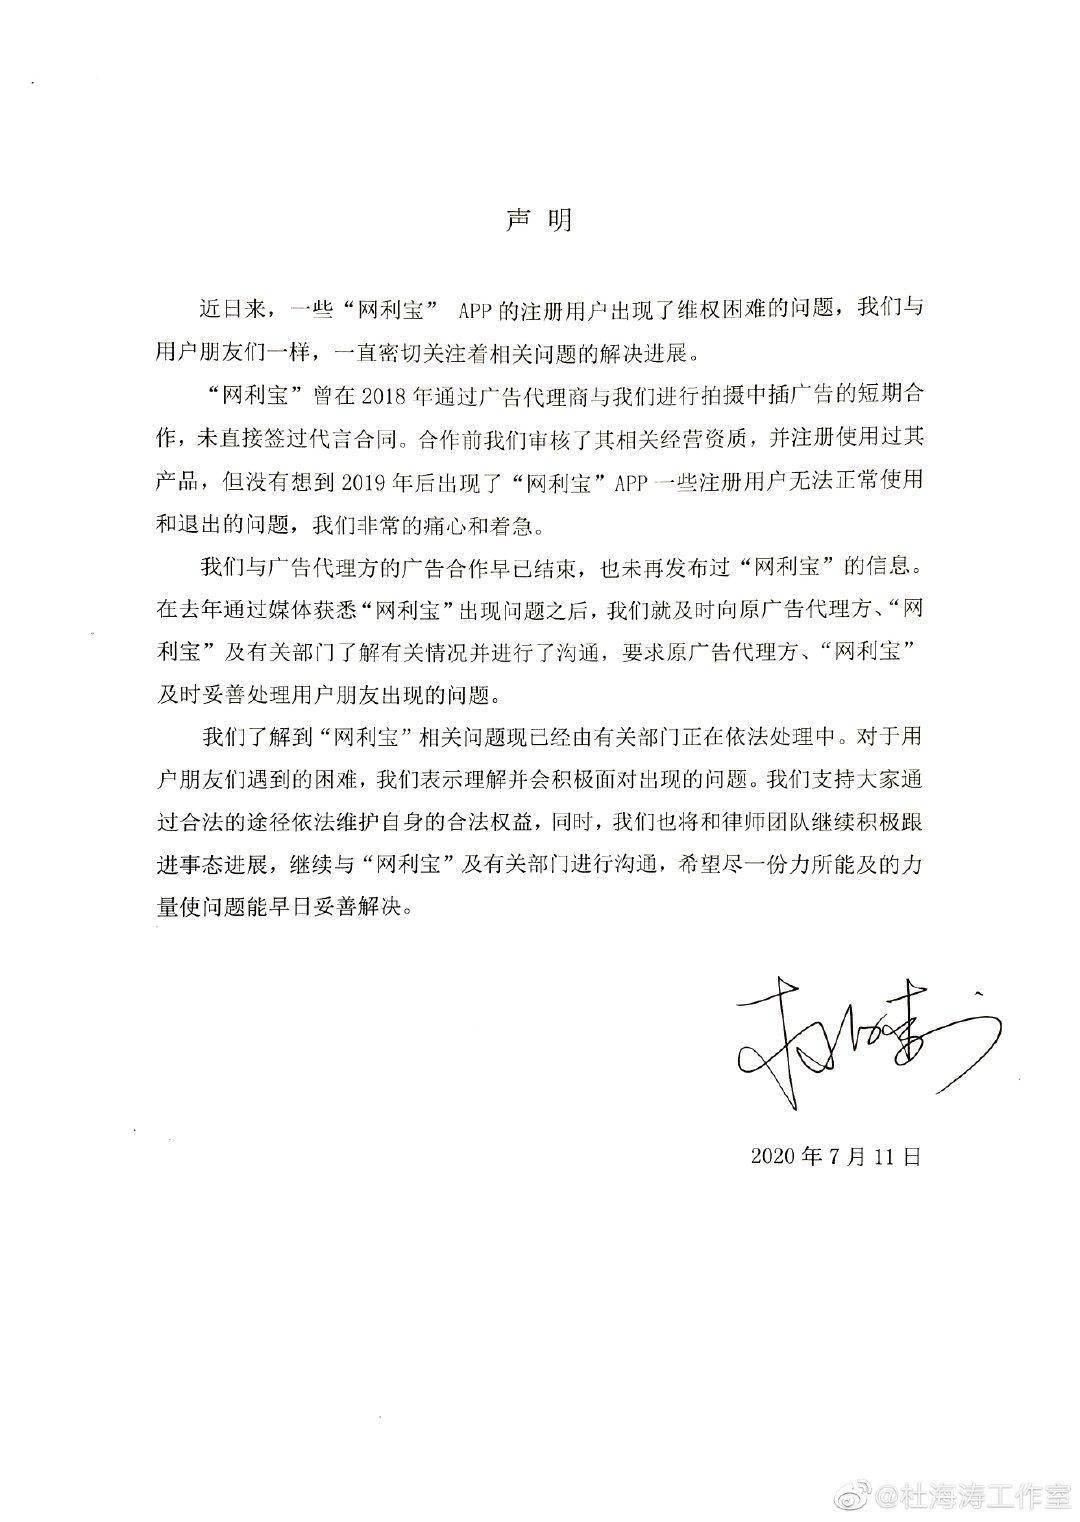 杜海涛:未与网利宝直接签过代言合同 积极跟进事件进展